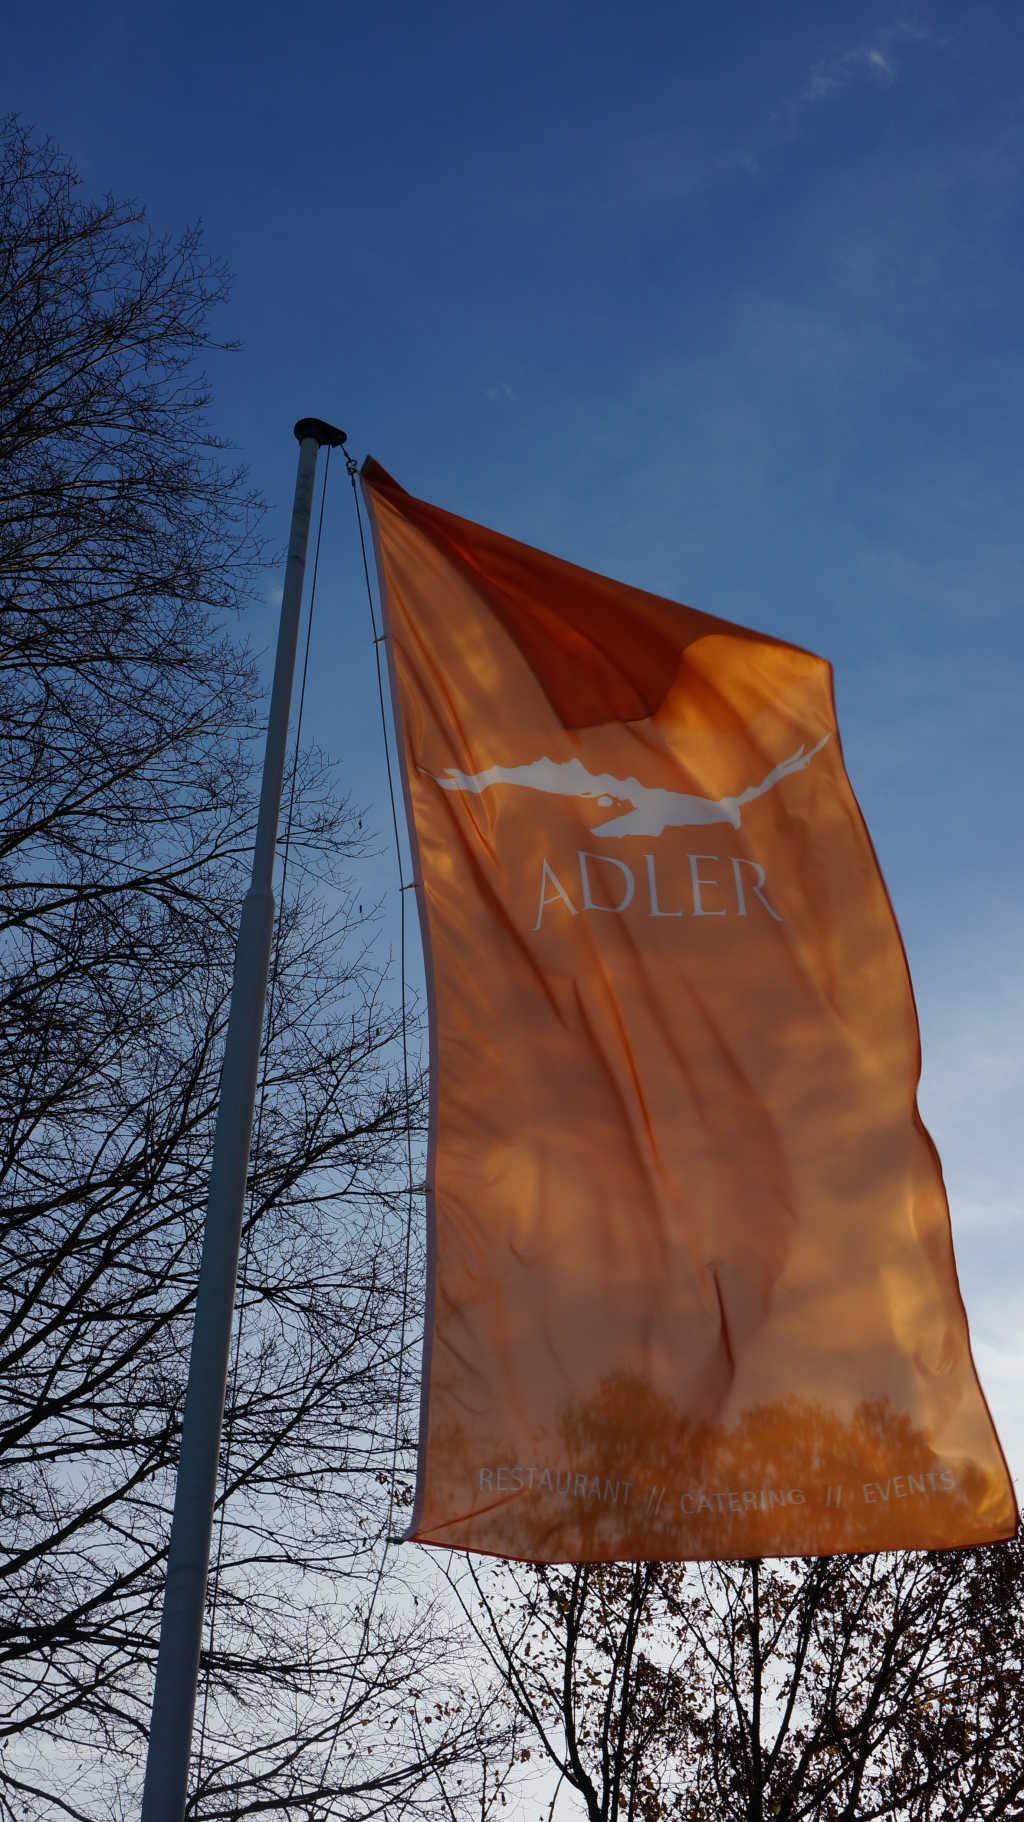 Bild zur Nachricht von Adler Kirchheim Teck